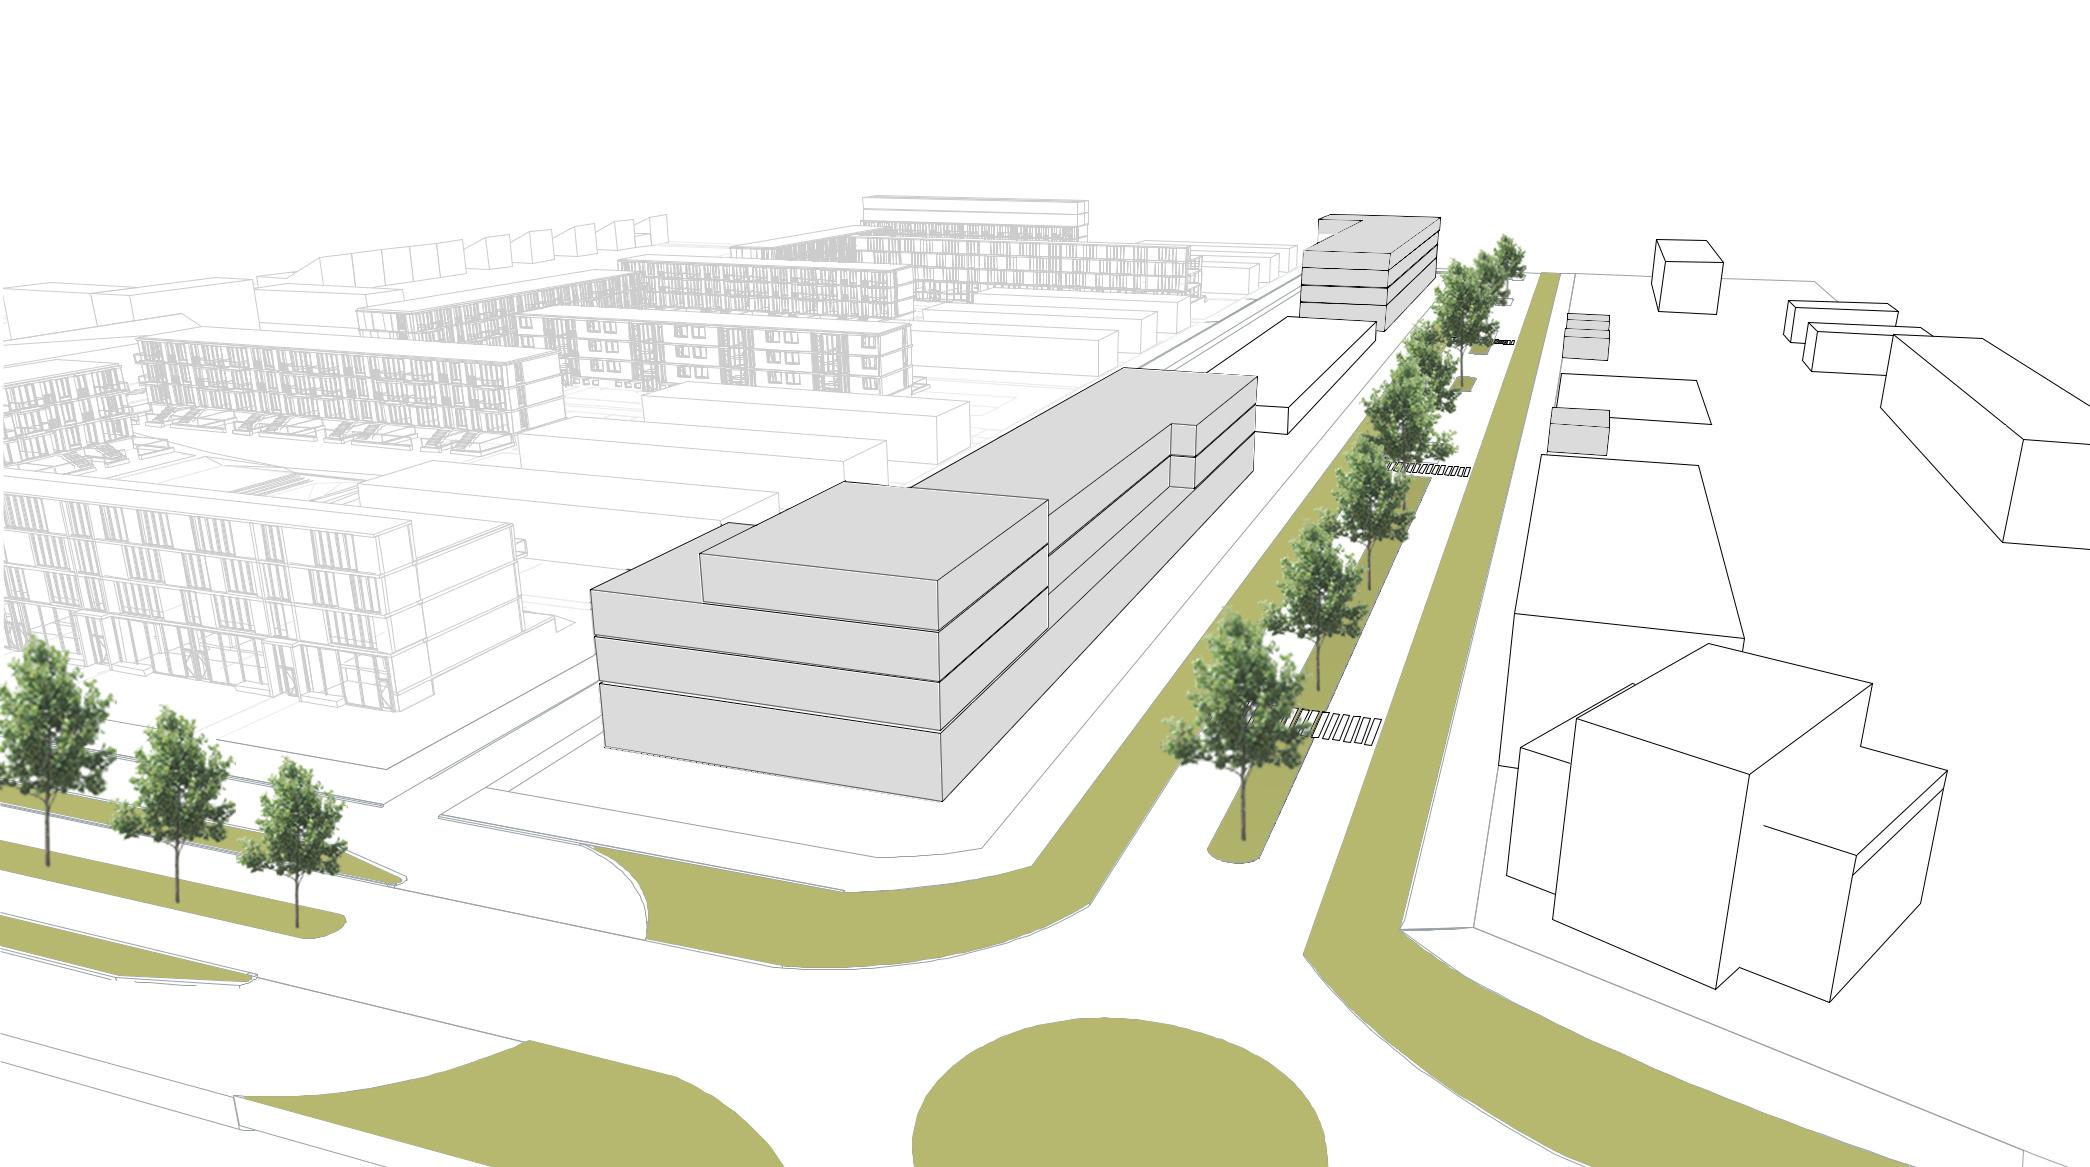 Stedebouw- Eglantierstraat voorzieningenstrook nieuw.jpg